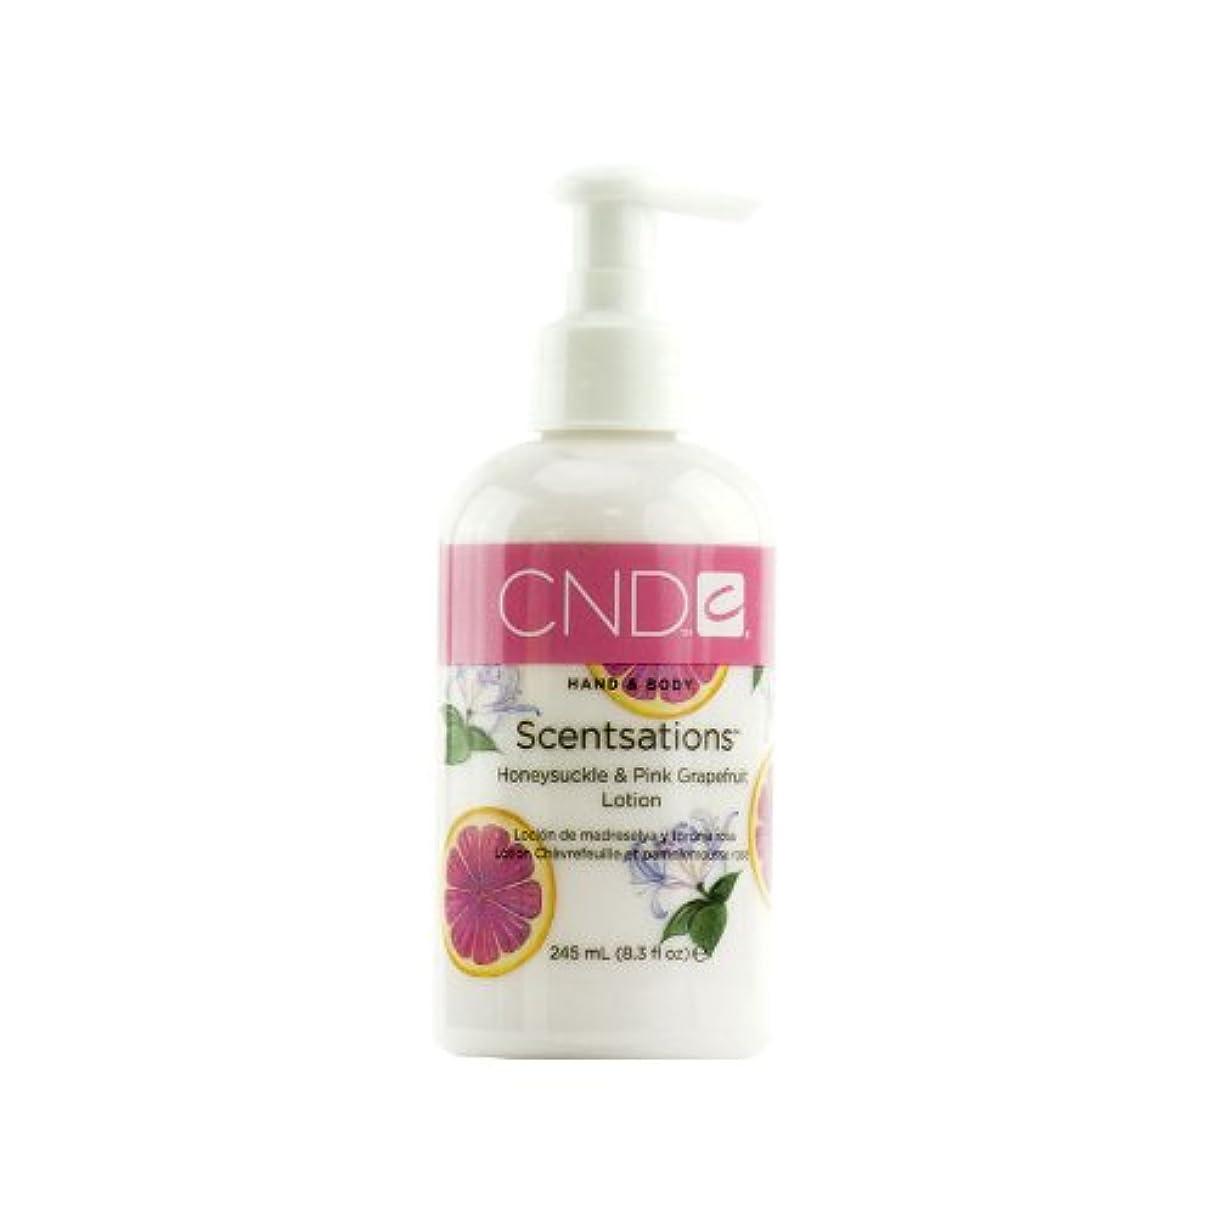 アブセイ平均私CND センセーション ハンド&ボディローション ハニーサックル&ピンクグレープフルーツ 245ml みずみずしいフェミニンな香り